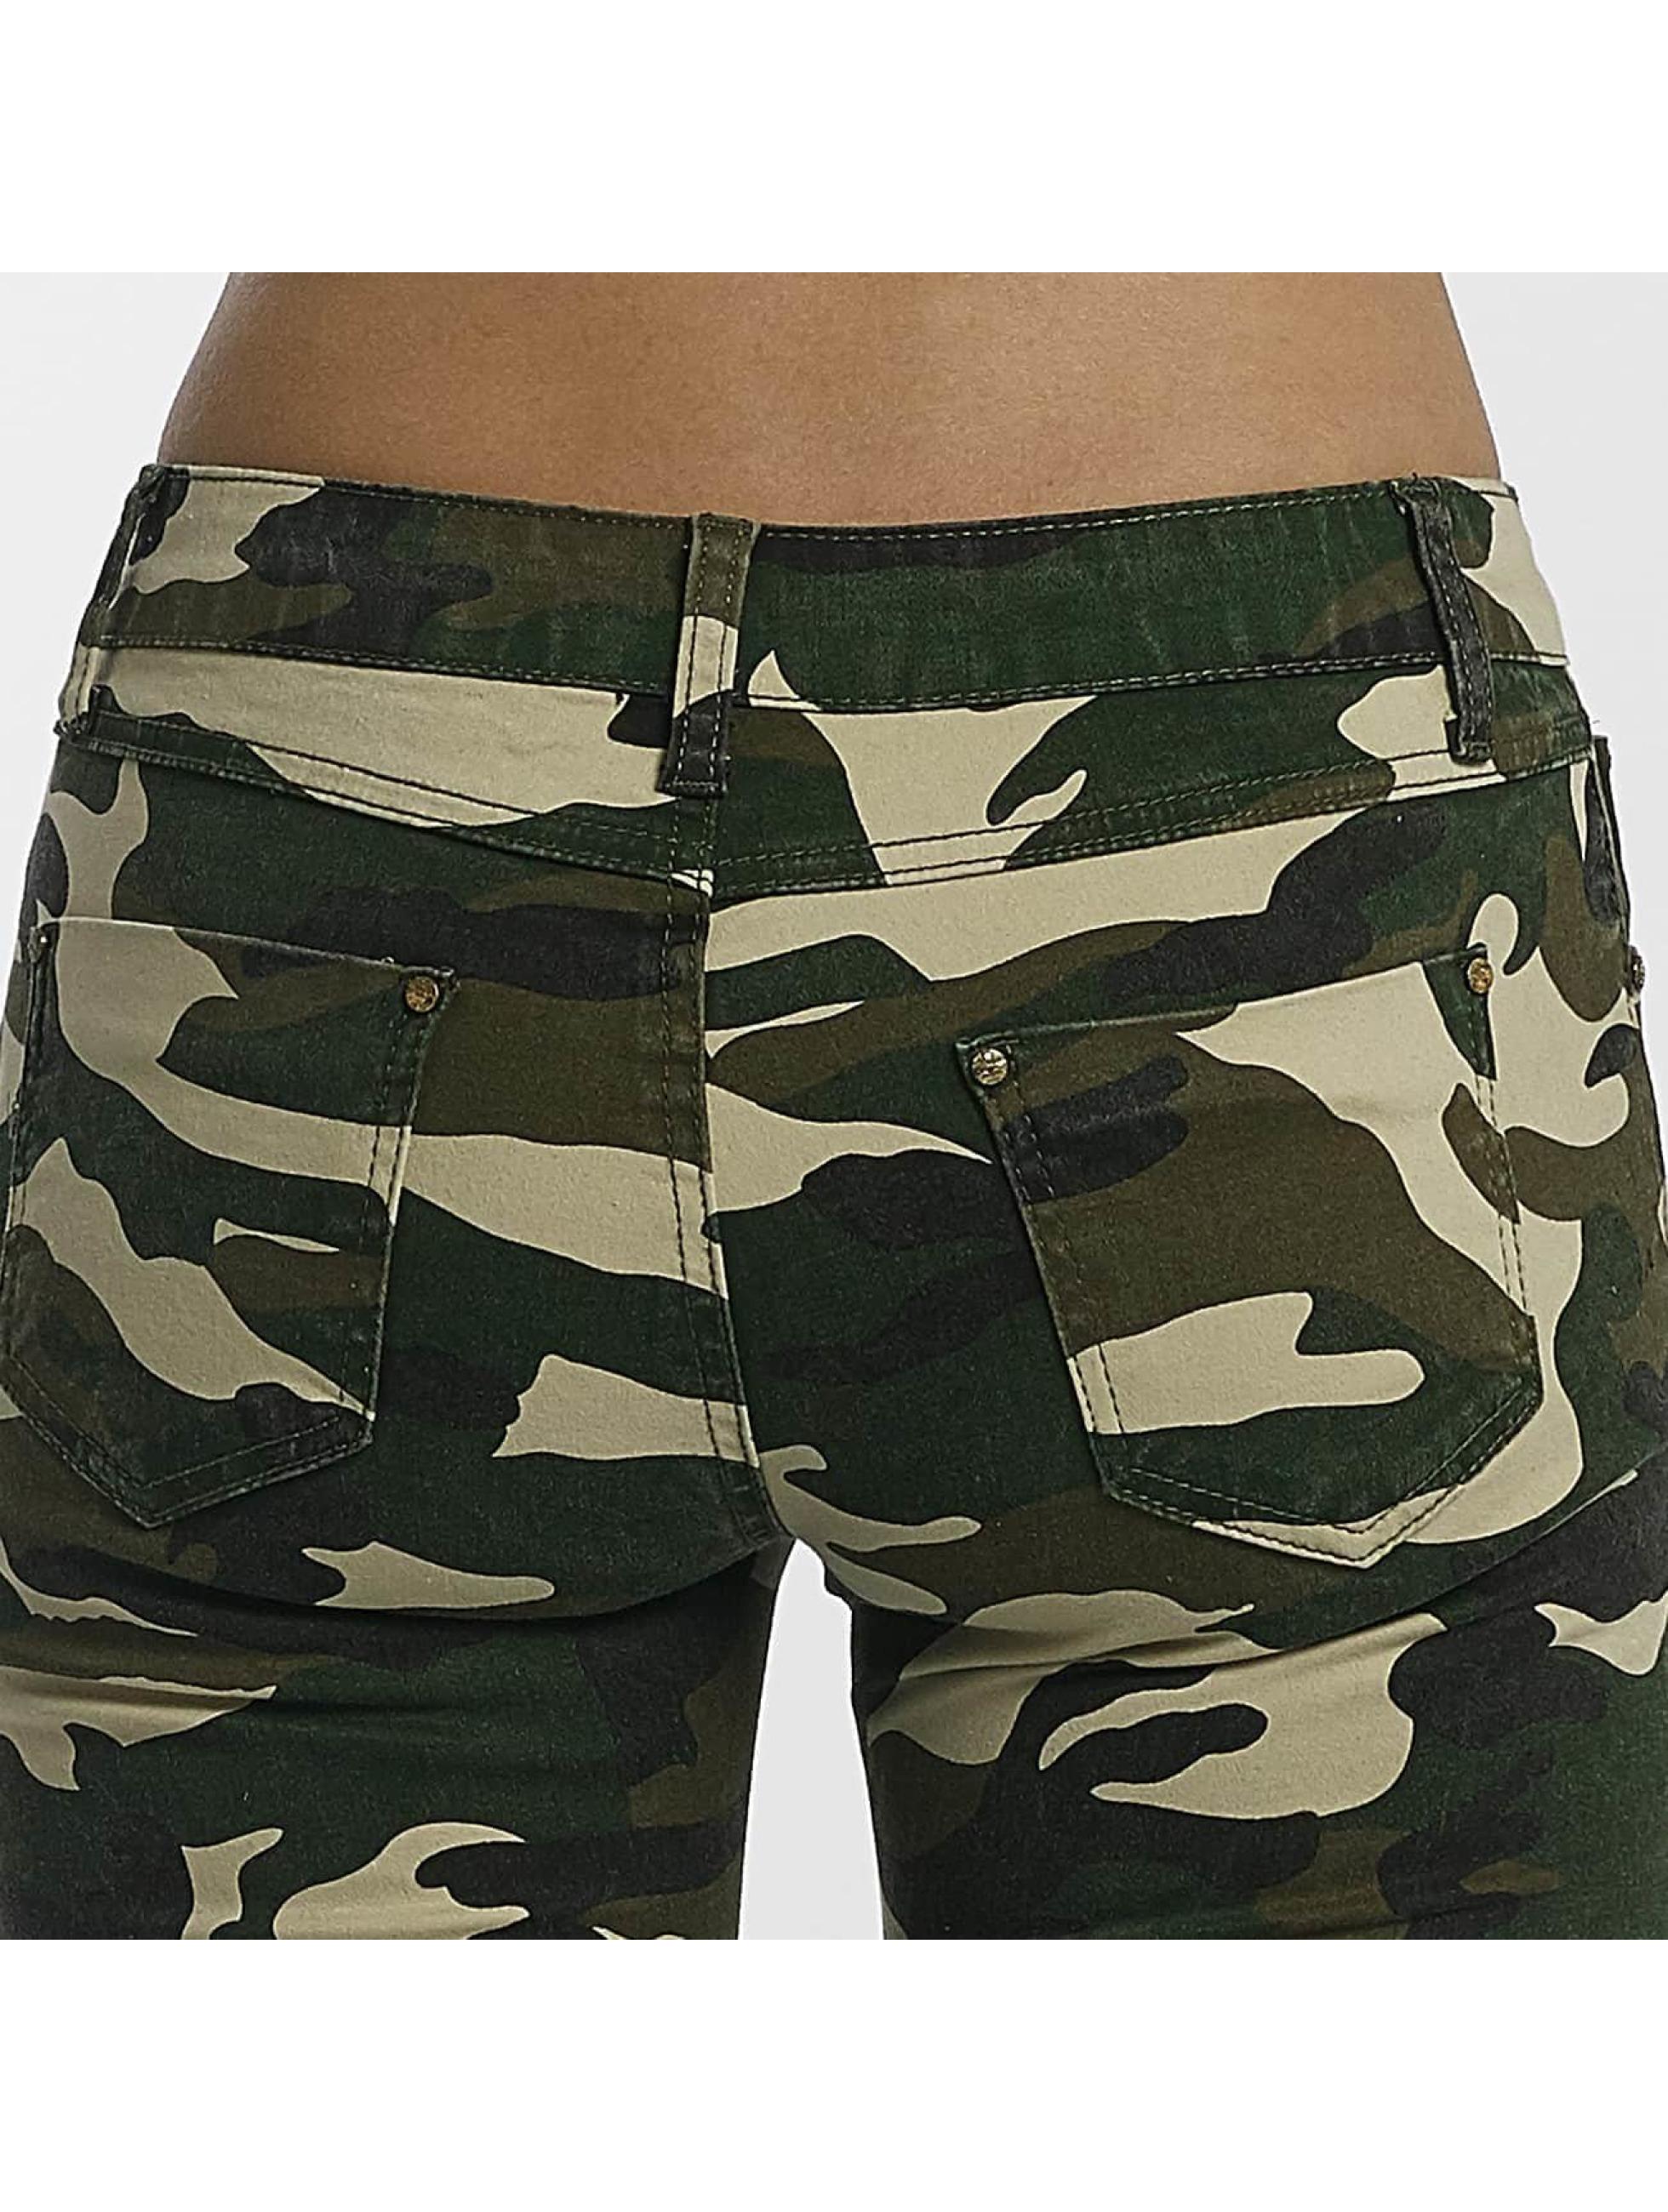 Leg Kings Облегающие джинсы Deep Forest камуфляж